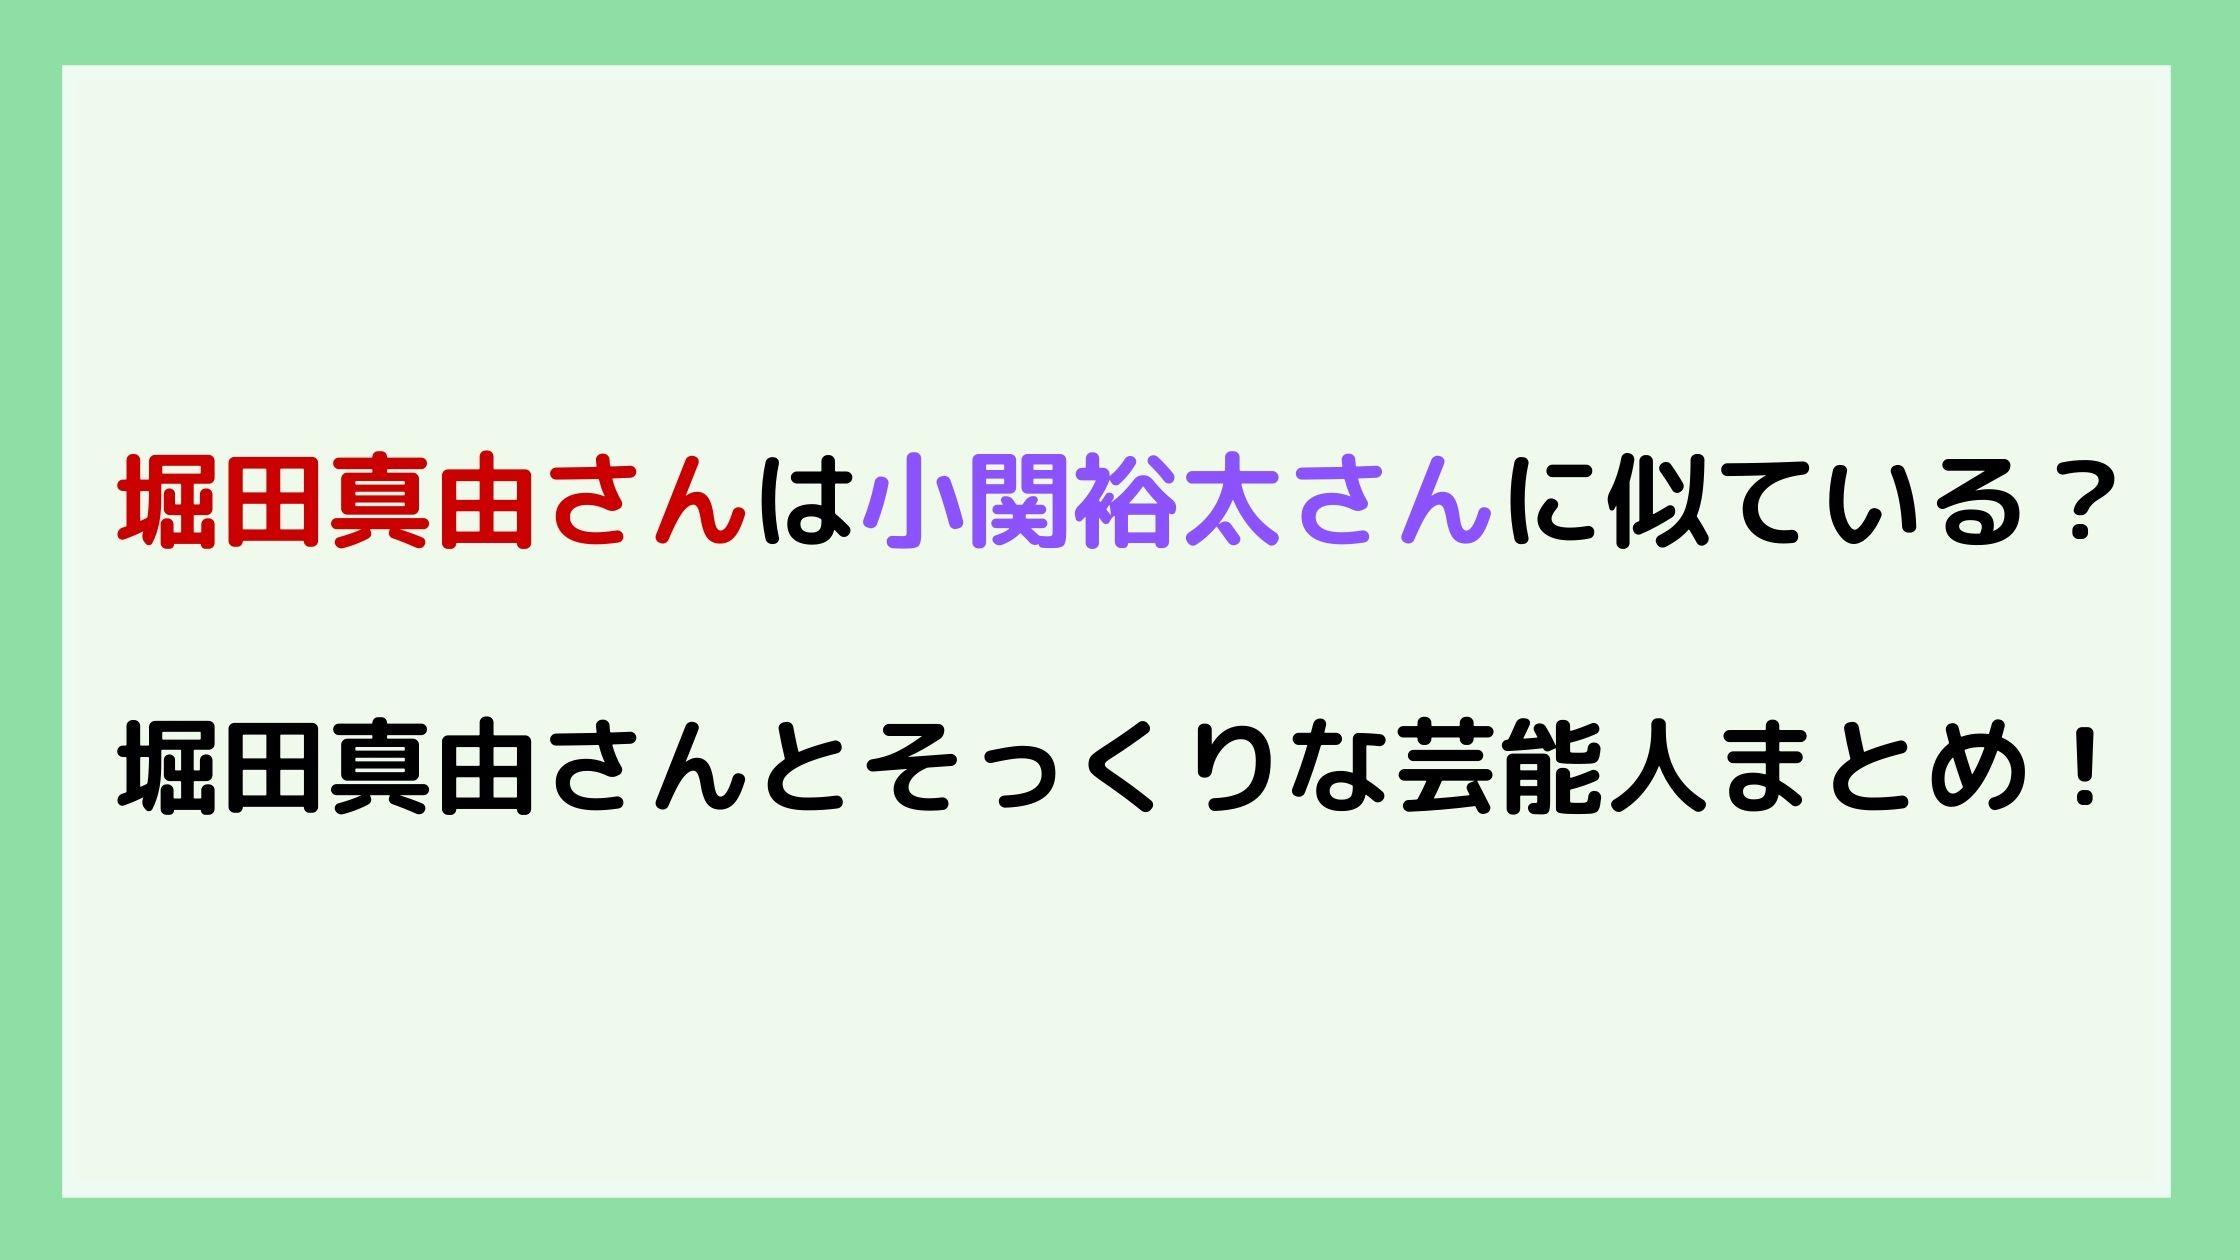 堀田真由は小関裕太に似ている?堀田真由とそっくりな芸能人まとめ!